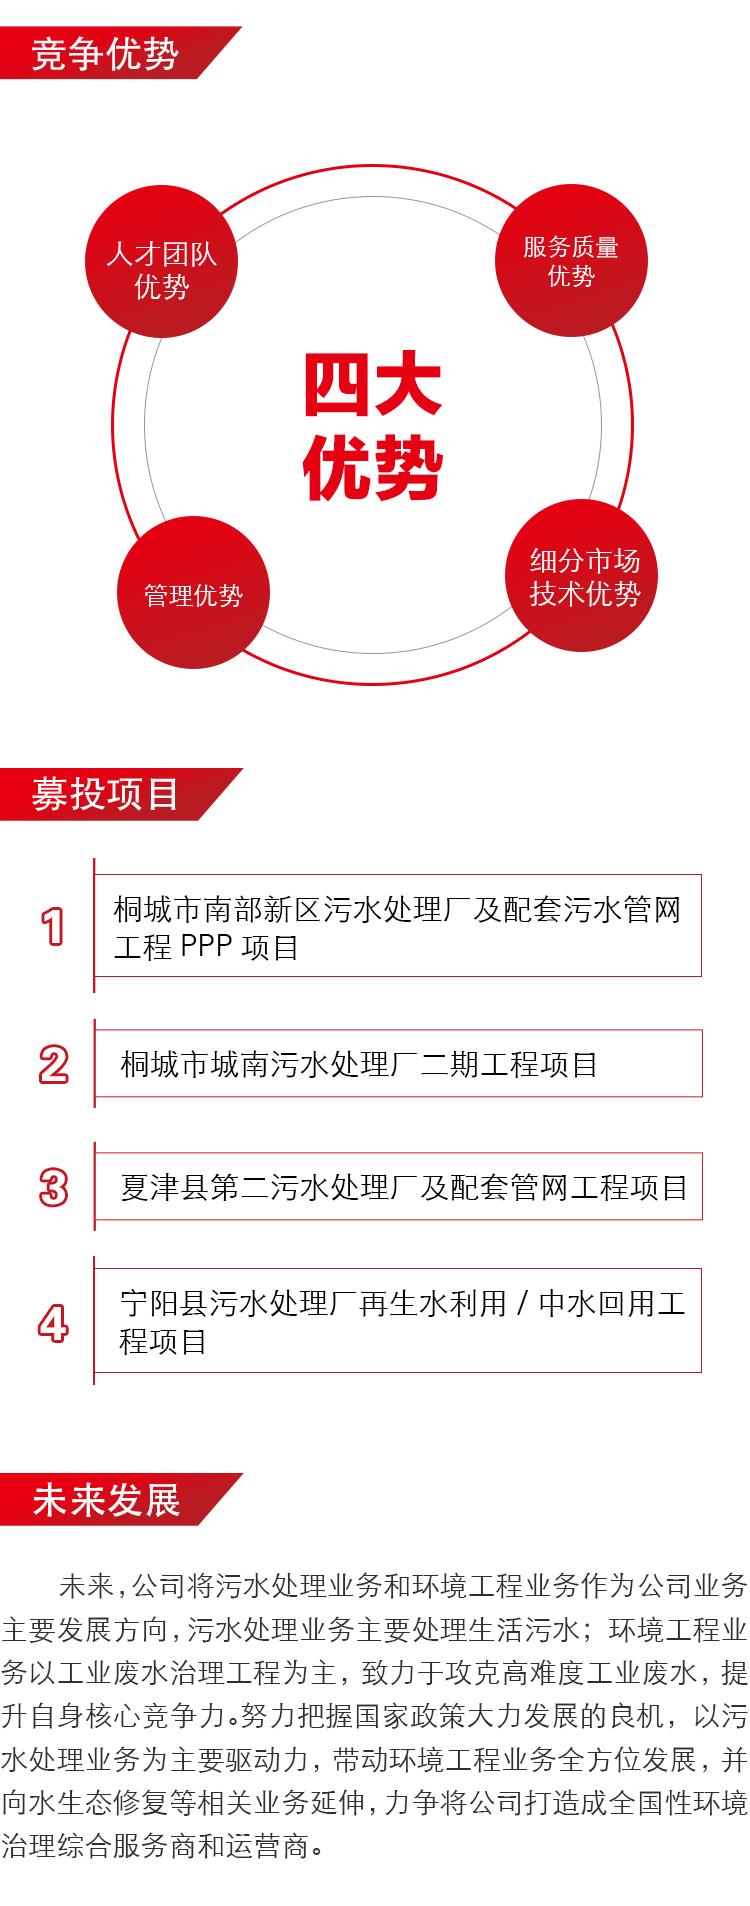 中环环保-上市海报_03.jpg